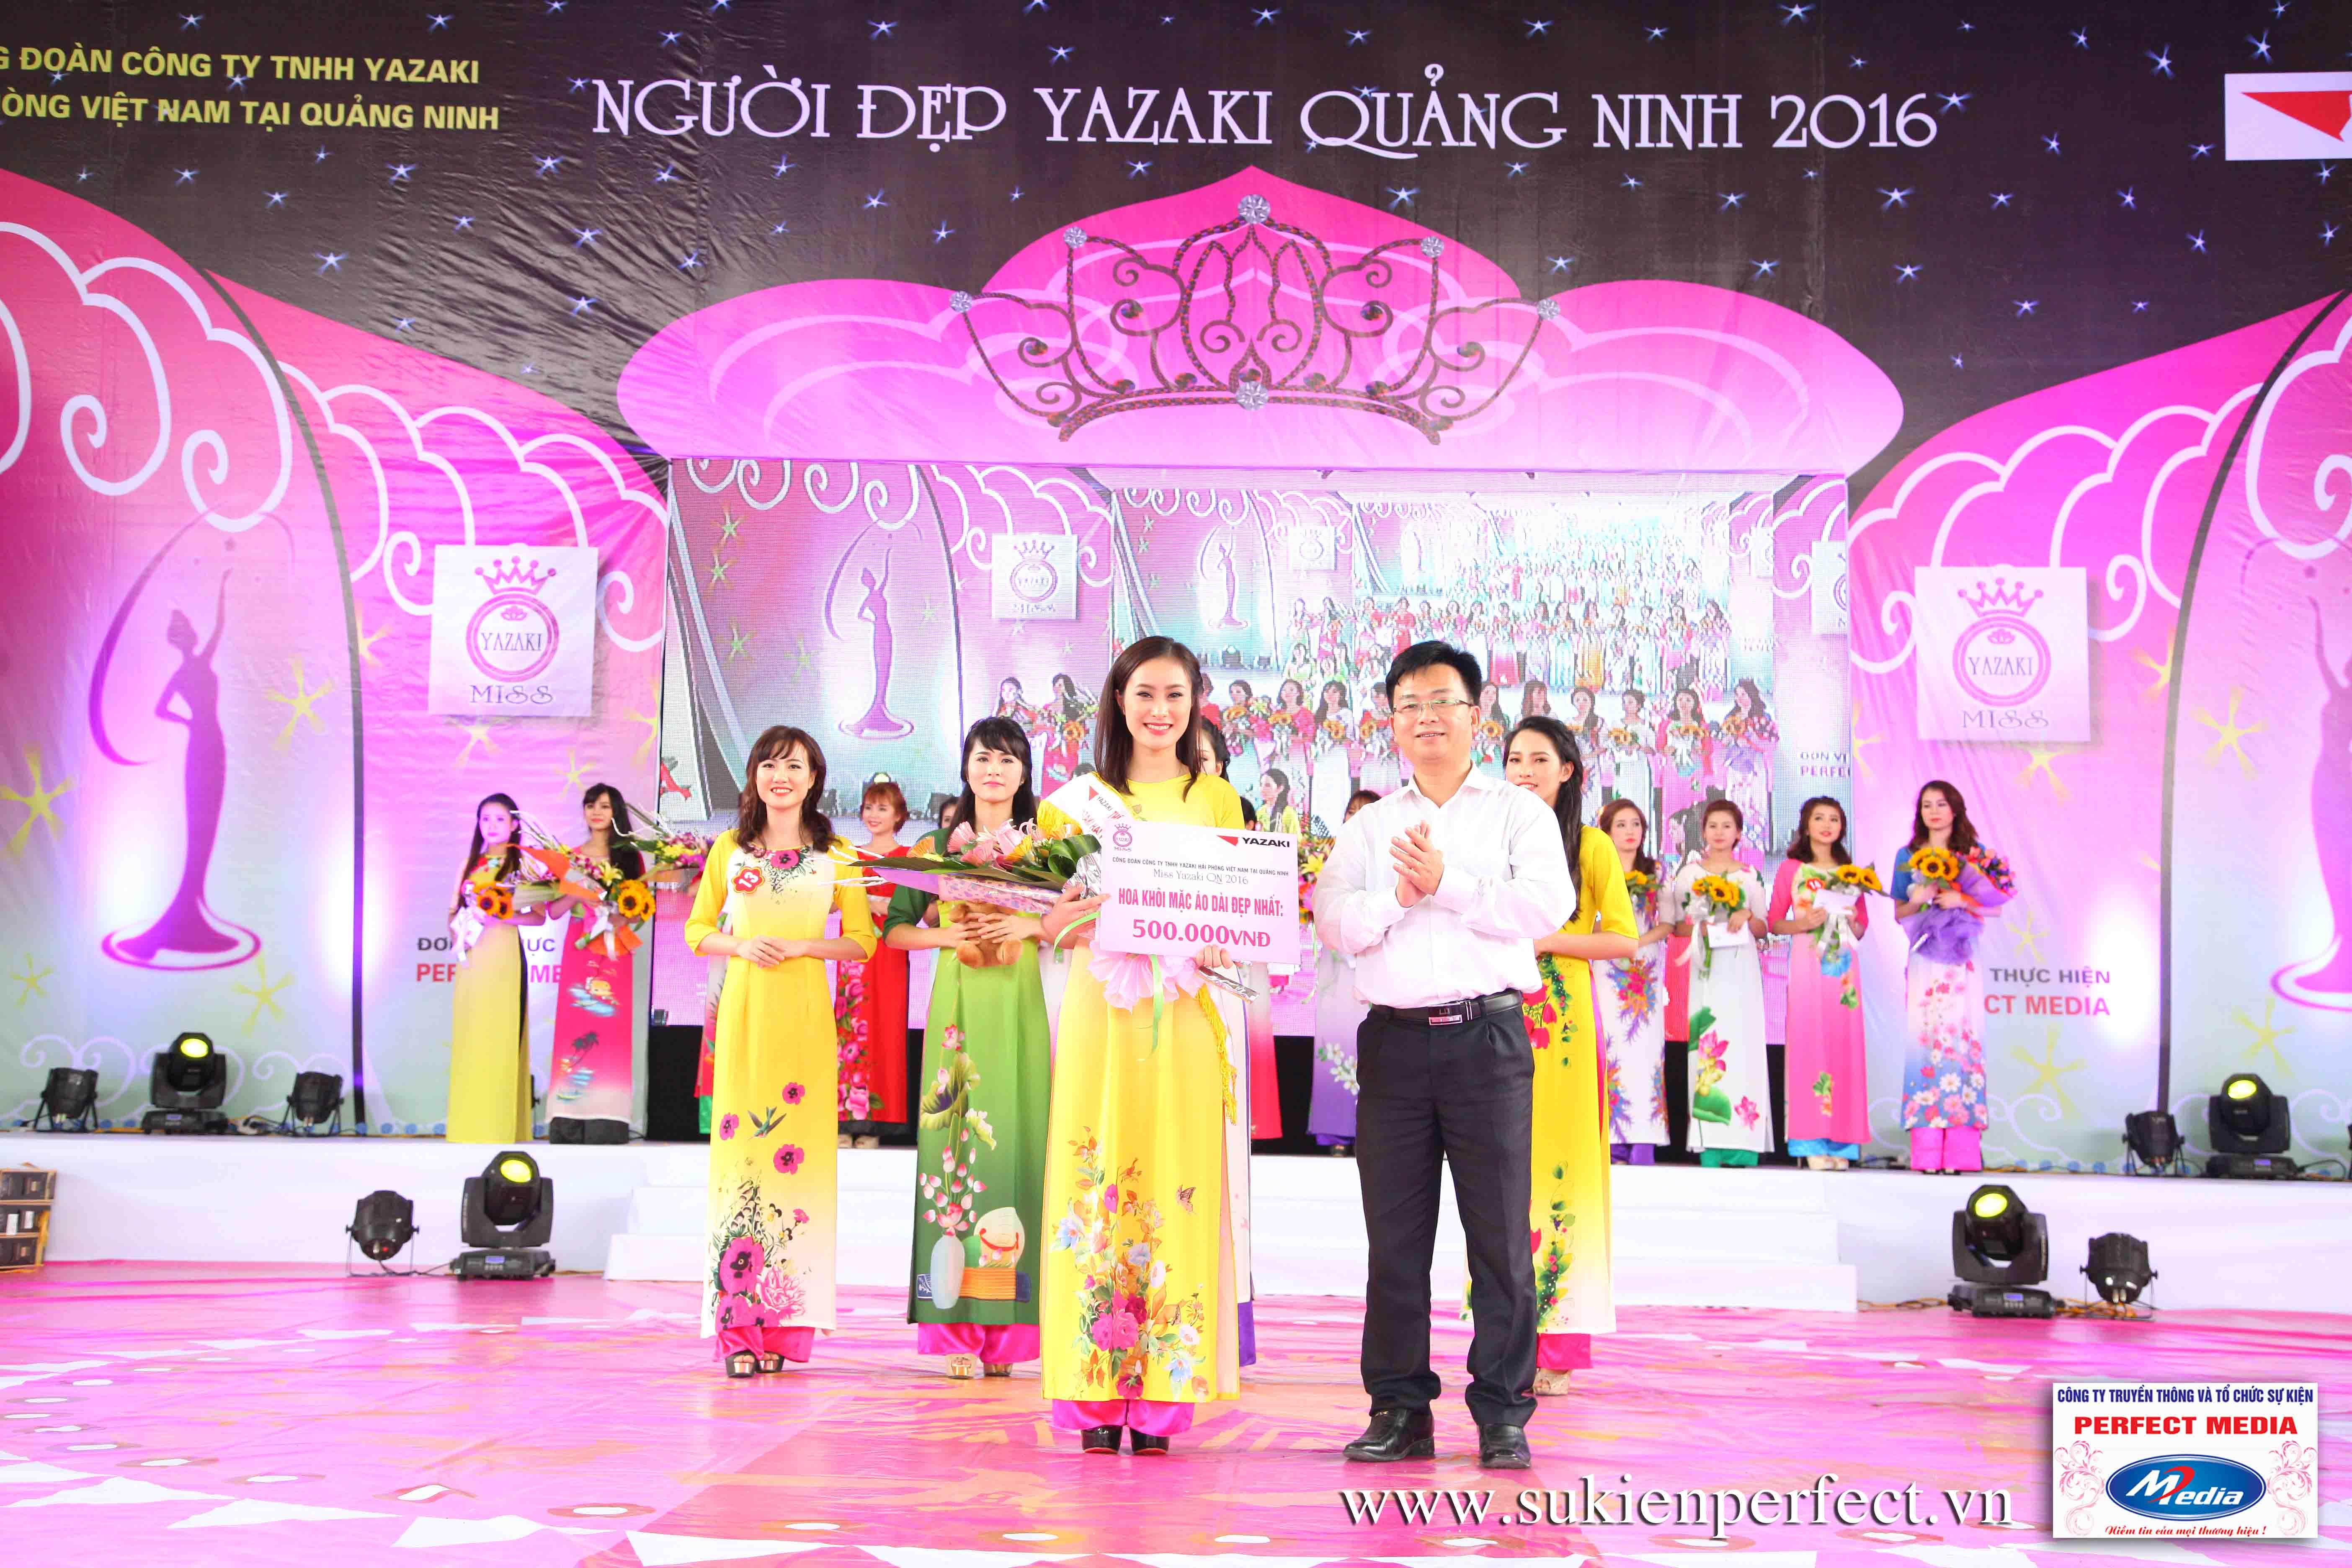 Hình ảnh các người đẹp trong sự kiện Người đẹp Yazaki Quảng Ninh 2016 (Màn đăng quang) - 10